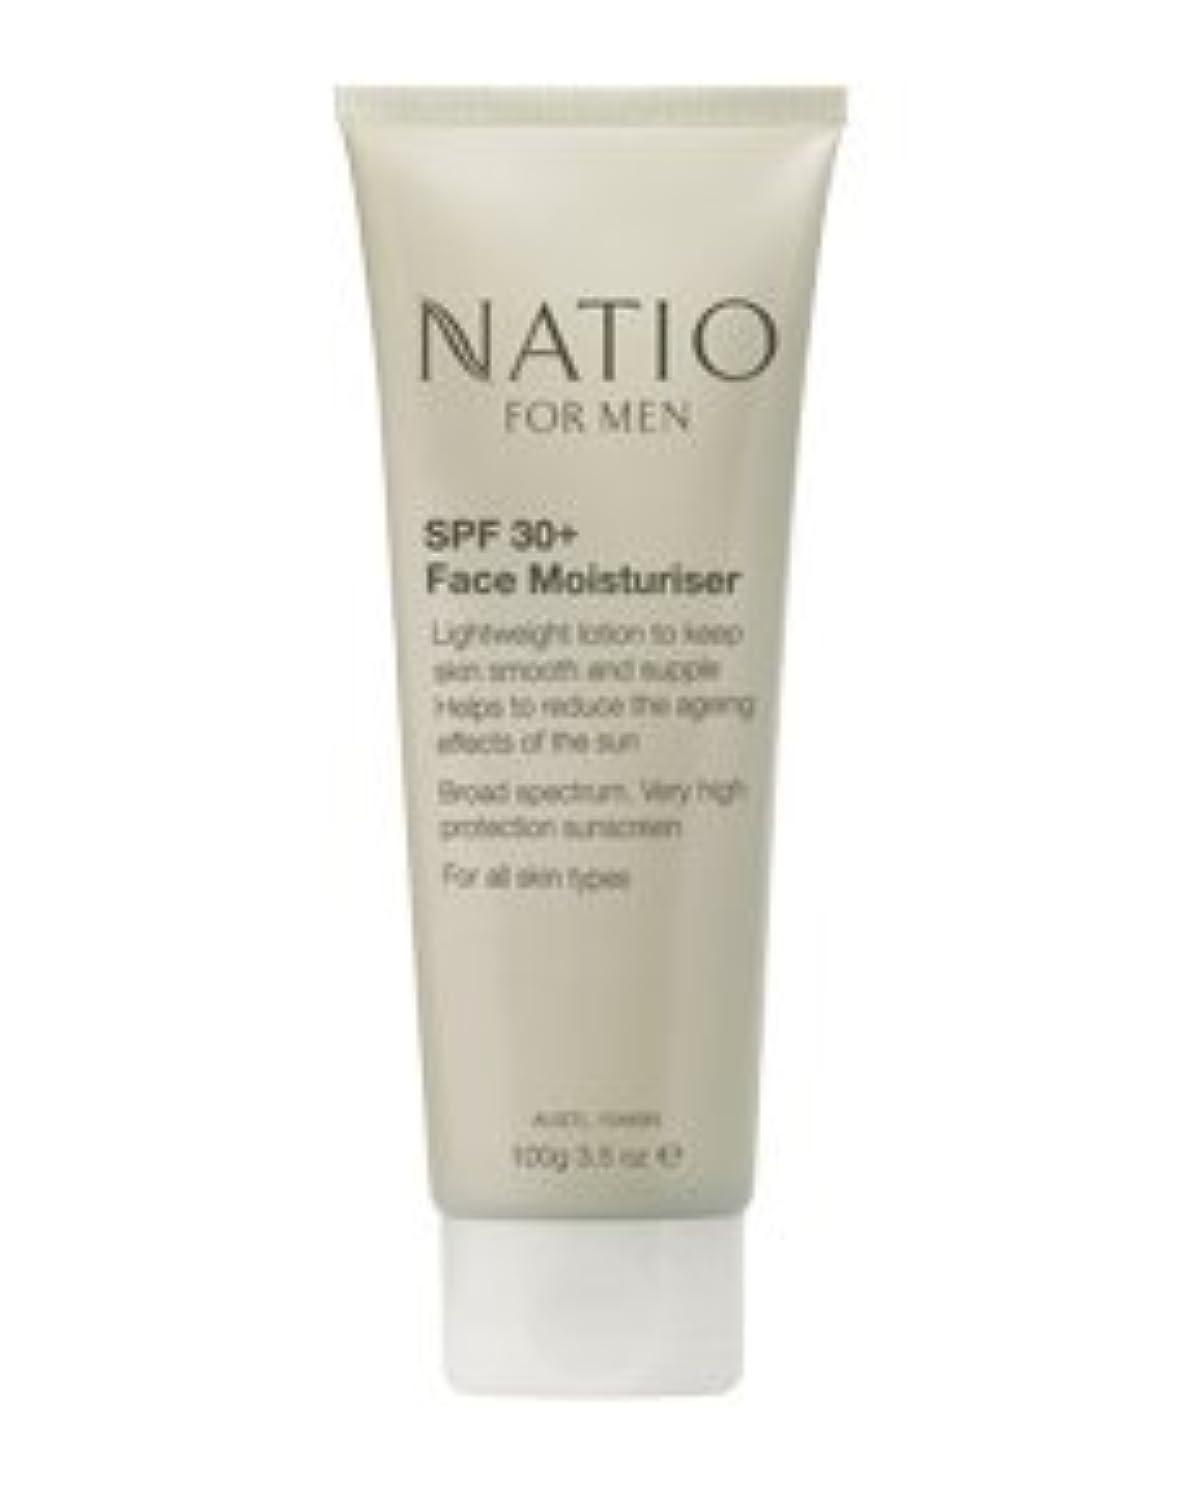 スリッパ含むパーセント【NATIO FOR MEN SPF 30+ Face Moisturiser】 ナティオ  SPF 30+ フェイス モイスチャライザー [海外直送品]